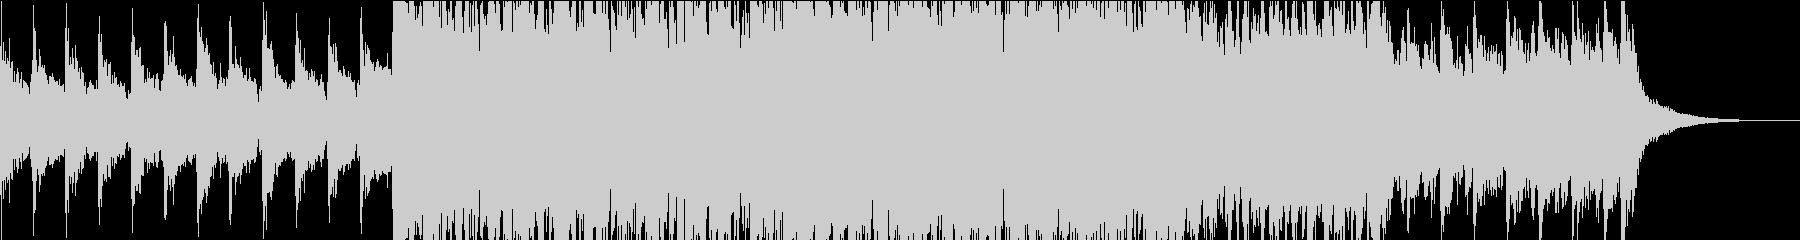 ヨーロッパ歴史物語テーマ曲ケルト風BGMの未再生の波形